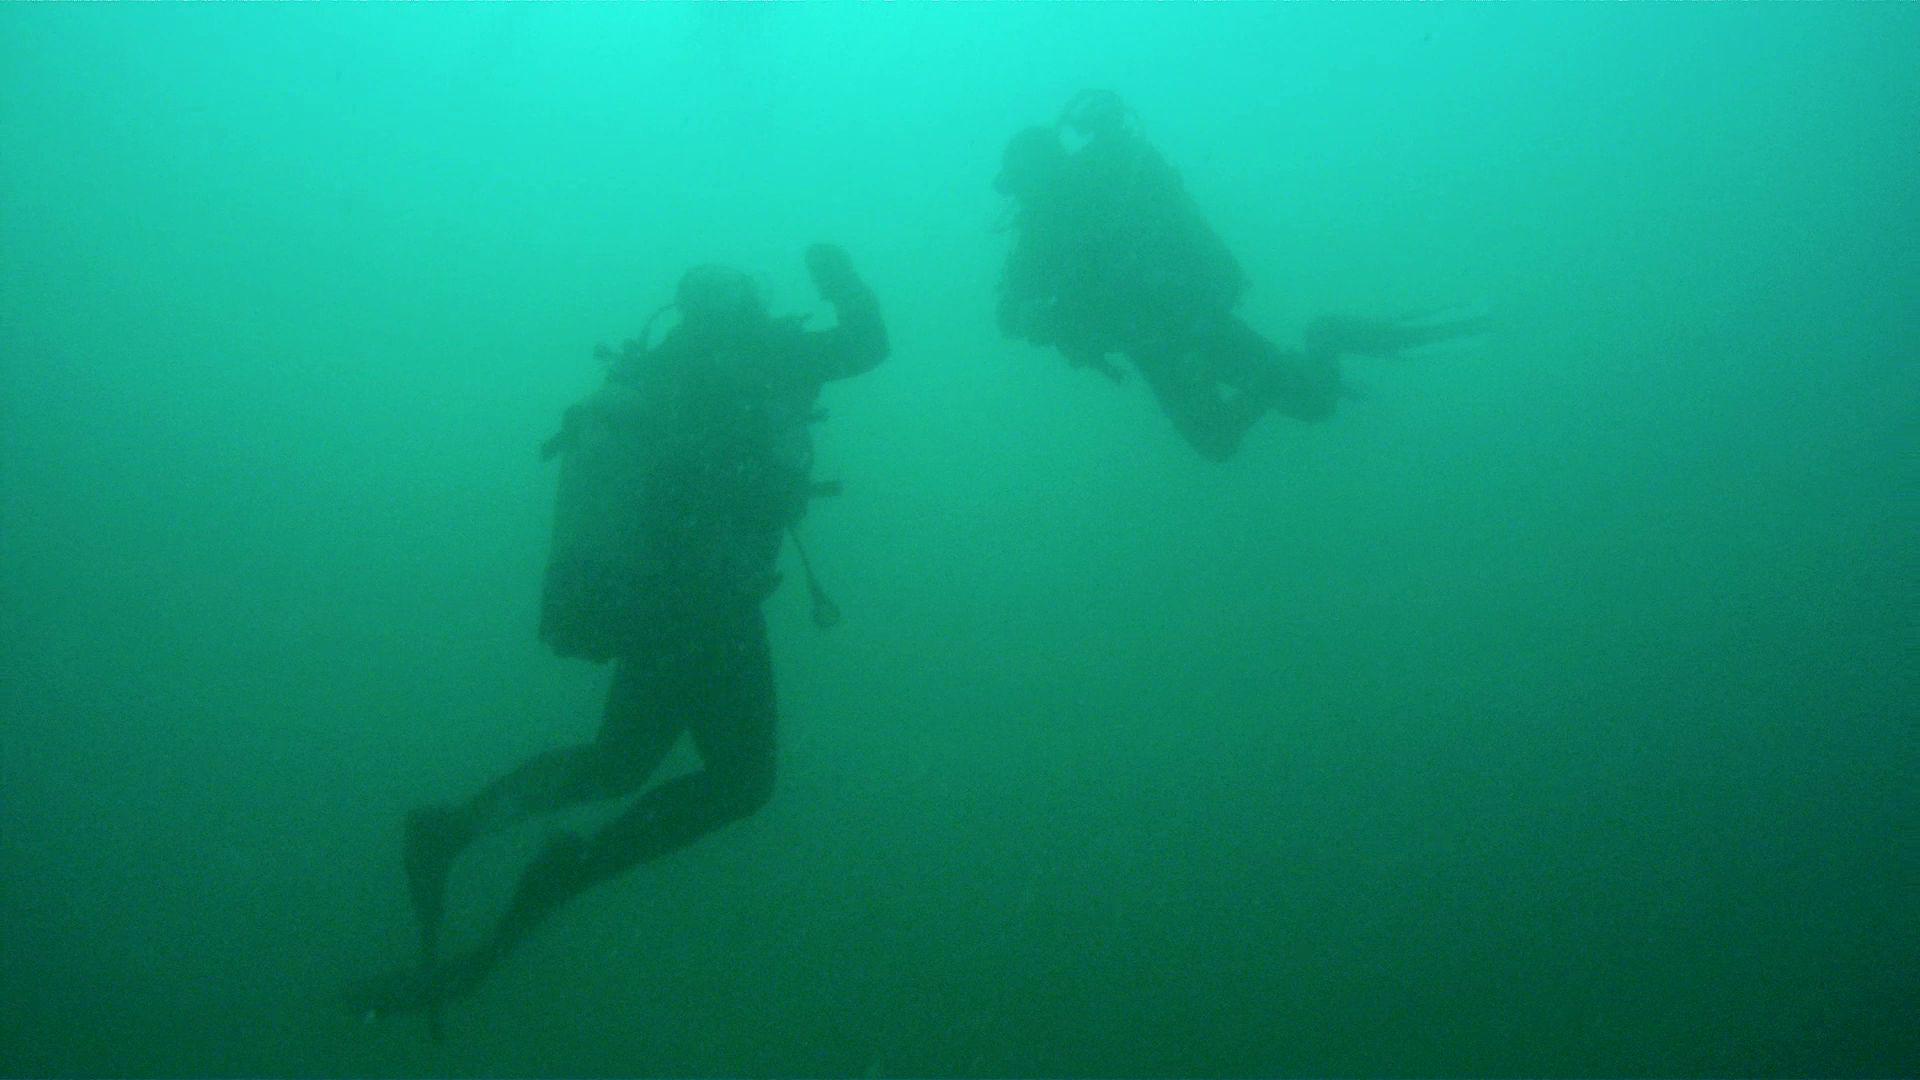 vlcsnap-2011-09-24-19h06m52s174_1